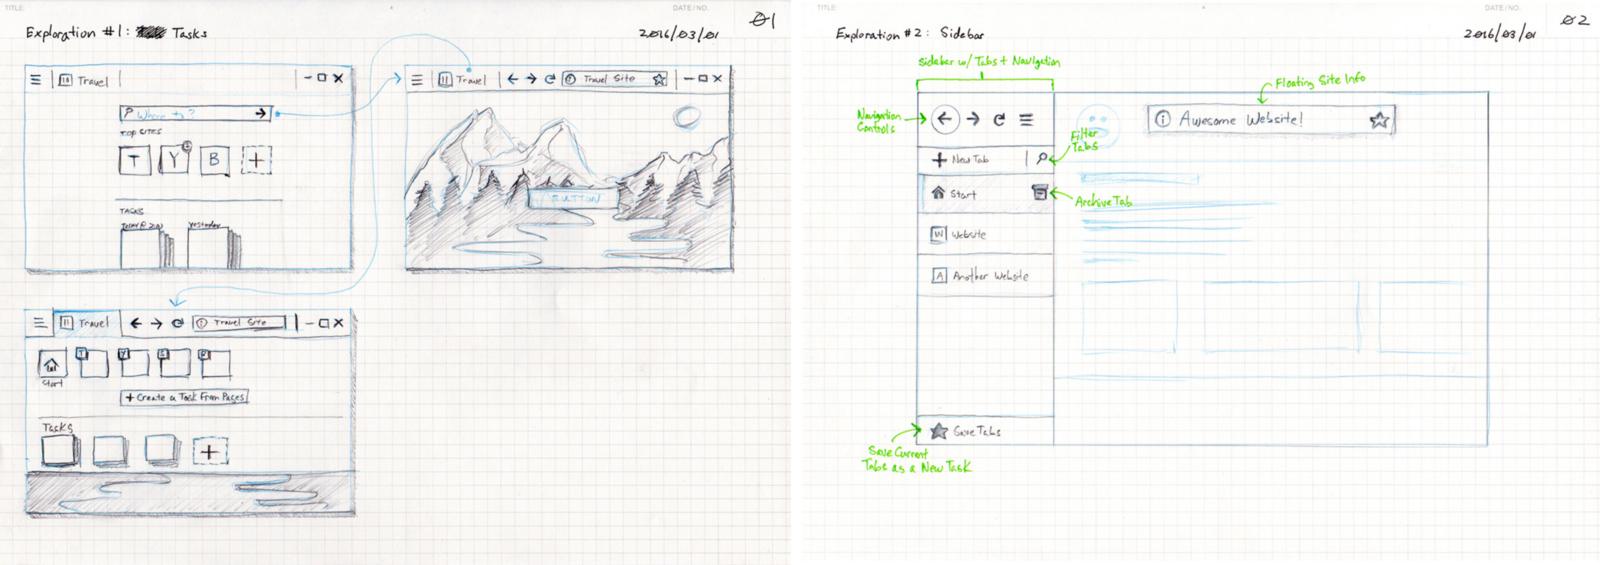 Projekt Tofino: některé skicy návrhů možných změn rozhraní prohlížeče